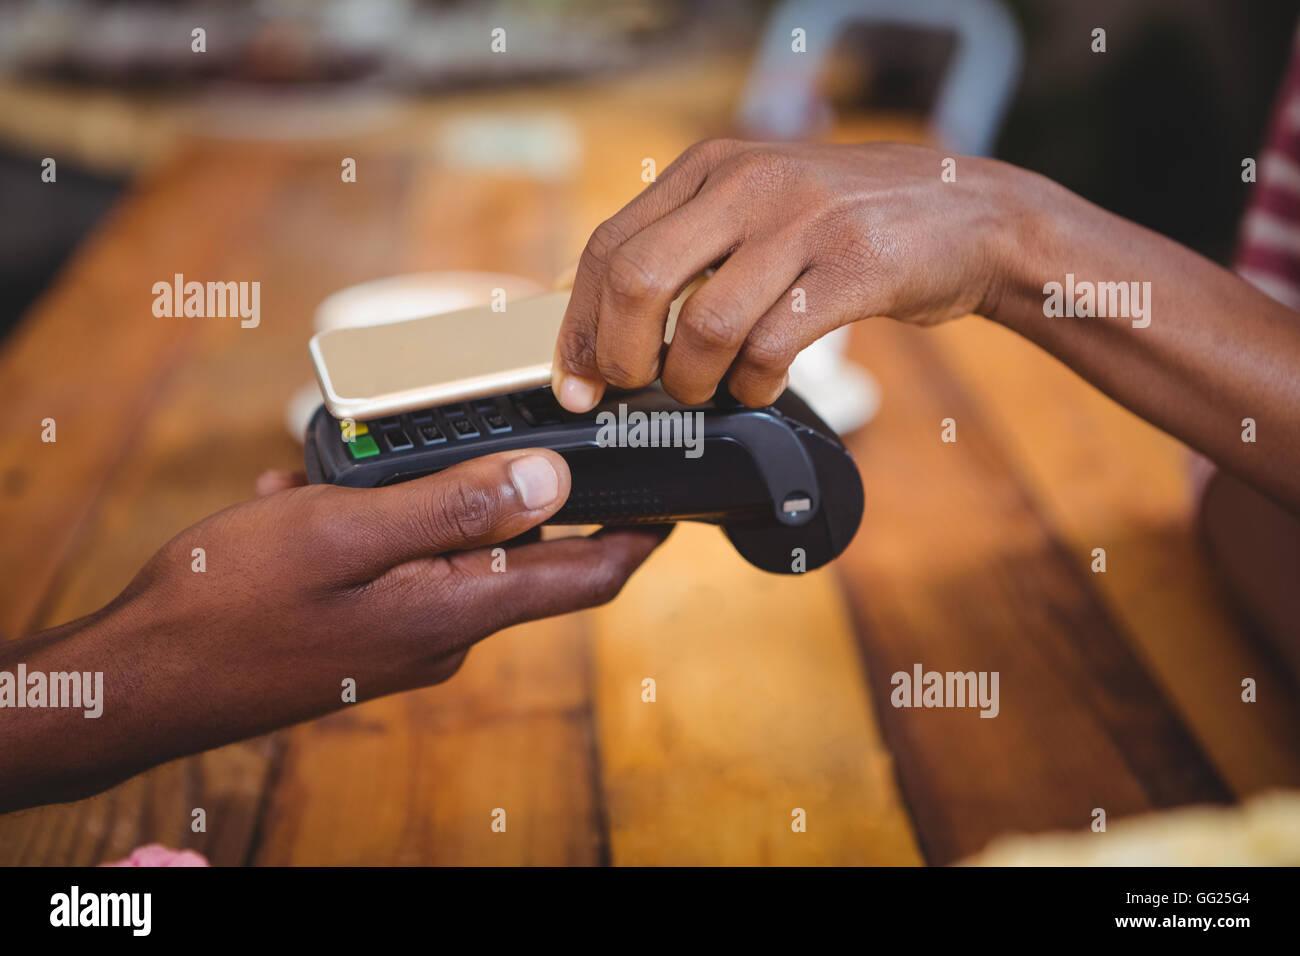 Mujer pagar factura a través de smartphone utilizando tecnología NFC Foto de stock